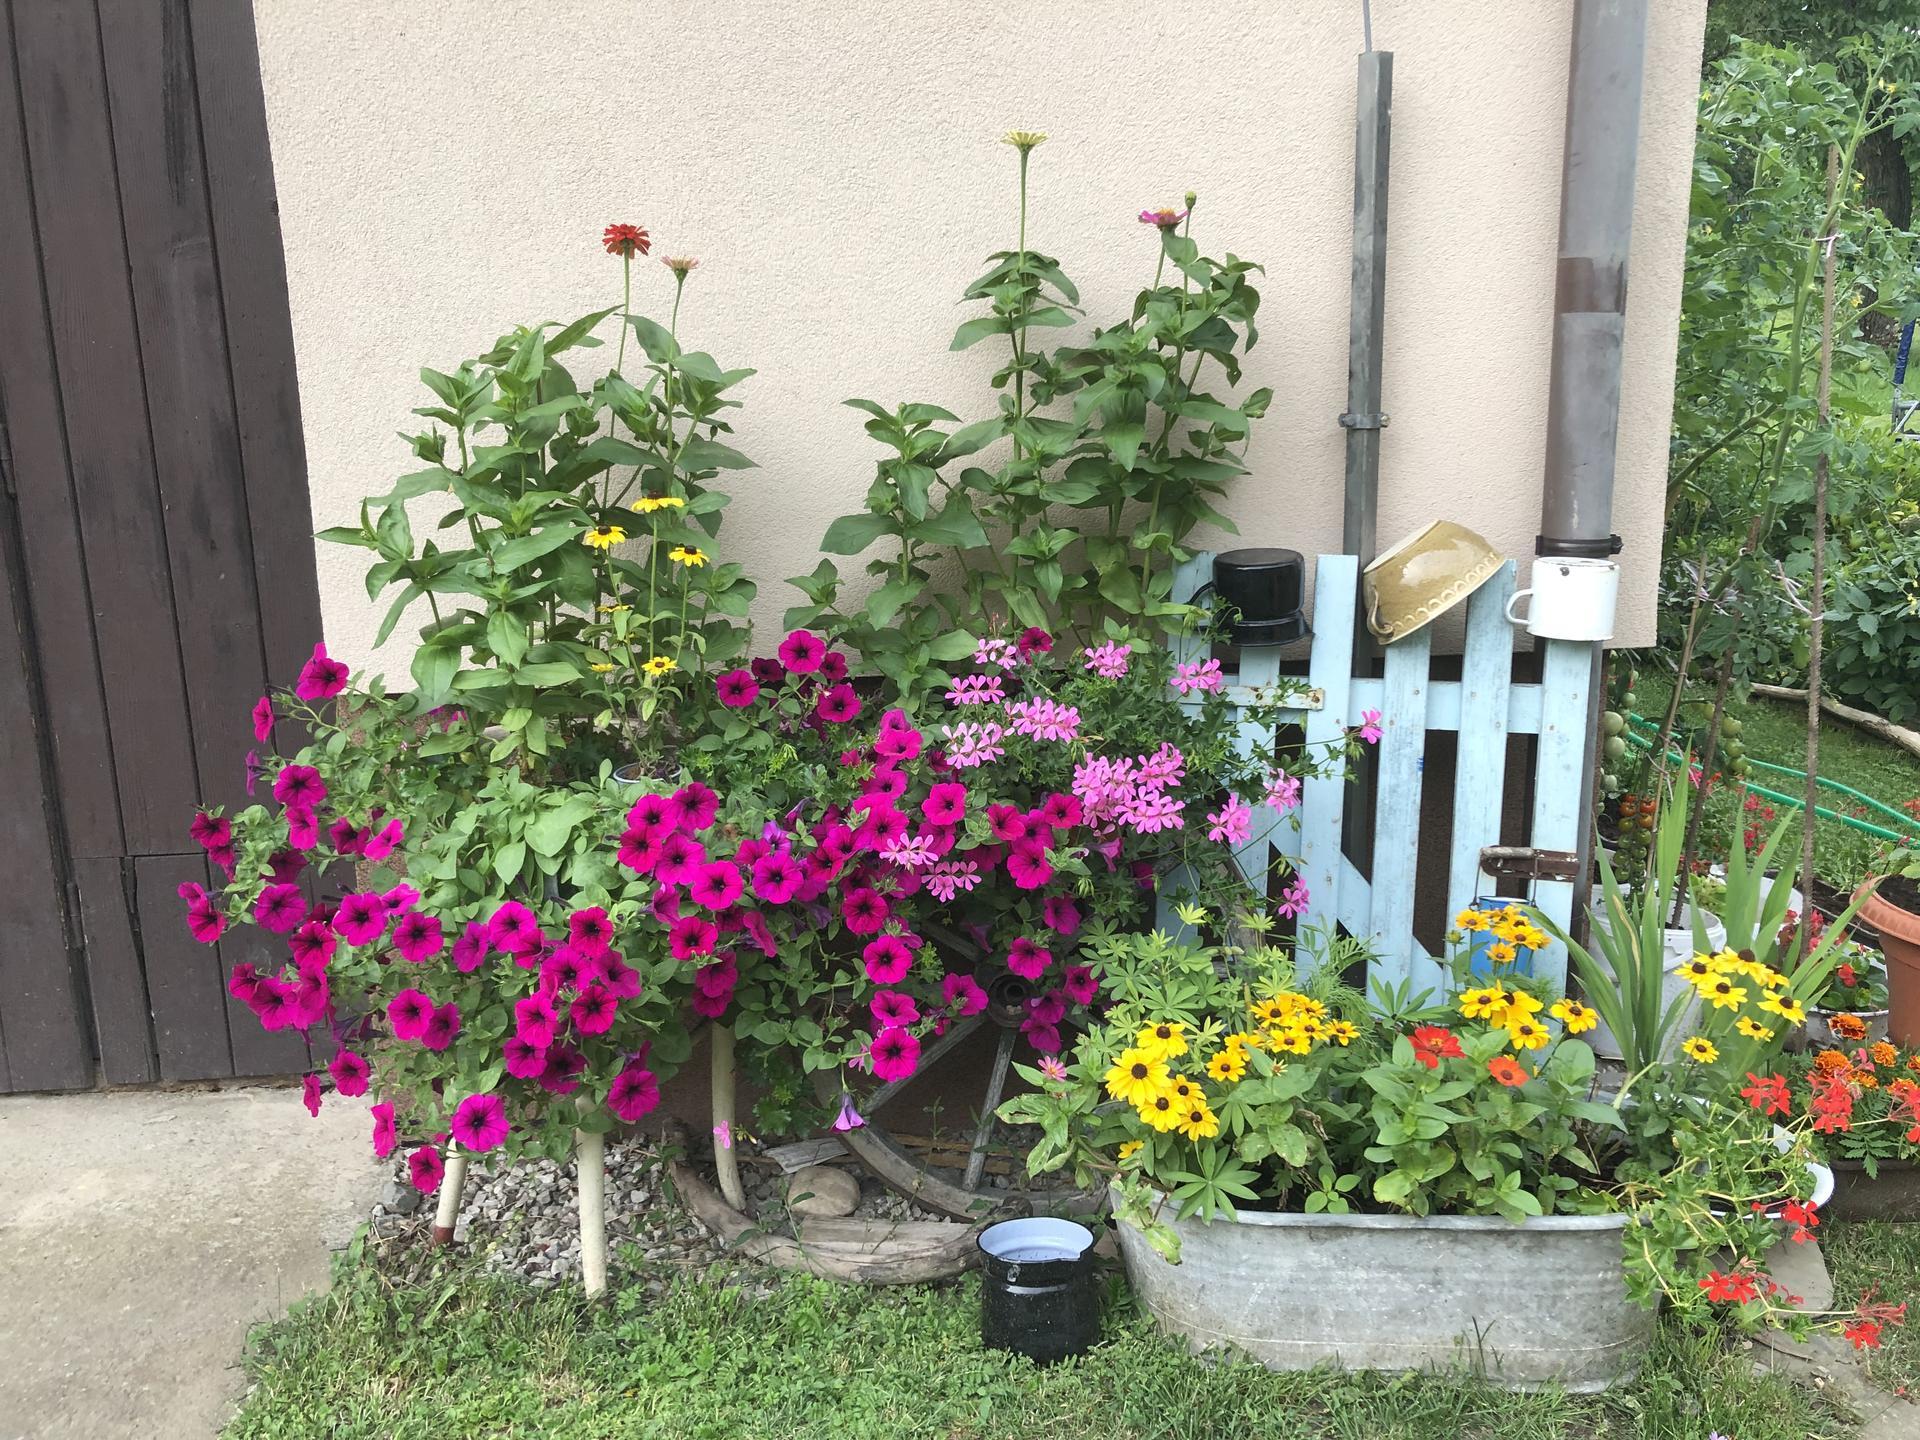 U nás doma a na zahradě 2021 - Obrázek č. 24